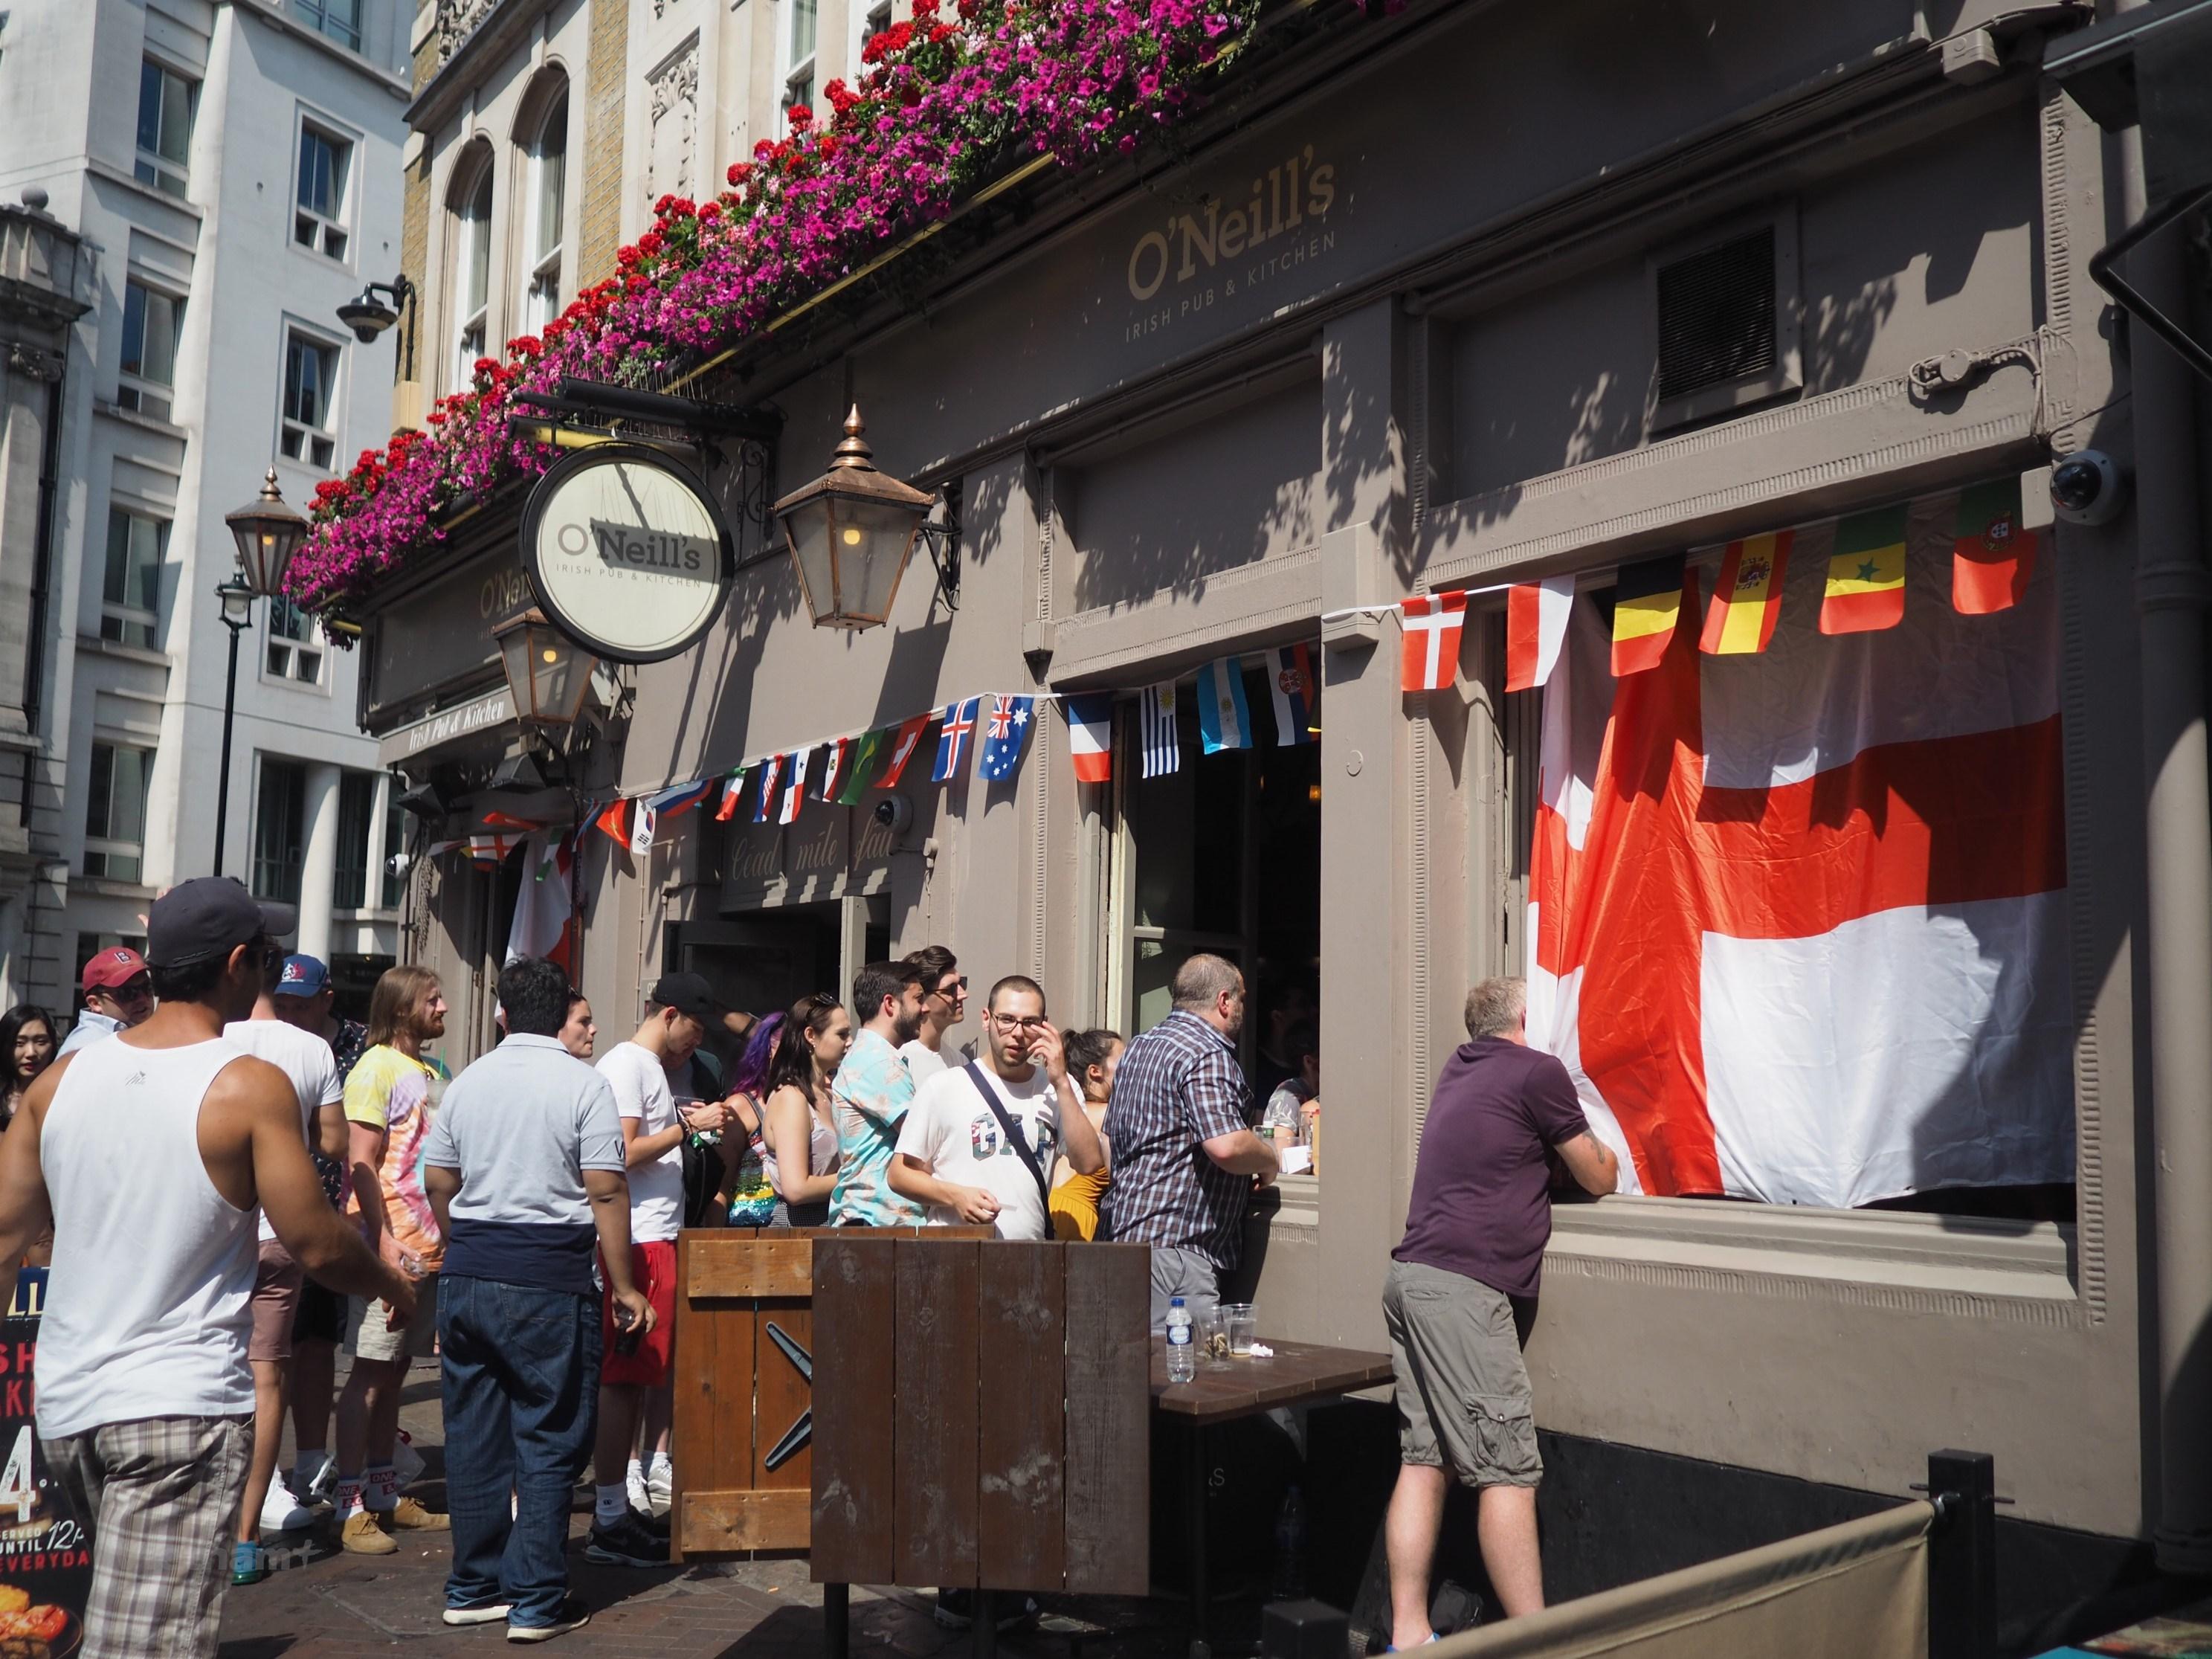 Kết quả hình ảnh cho Các quán pub ở London sôi động với trận ra quân của tuyển Anh